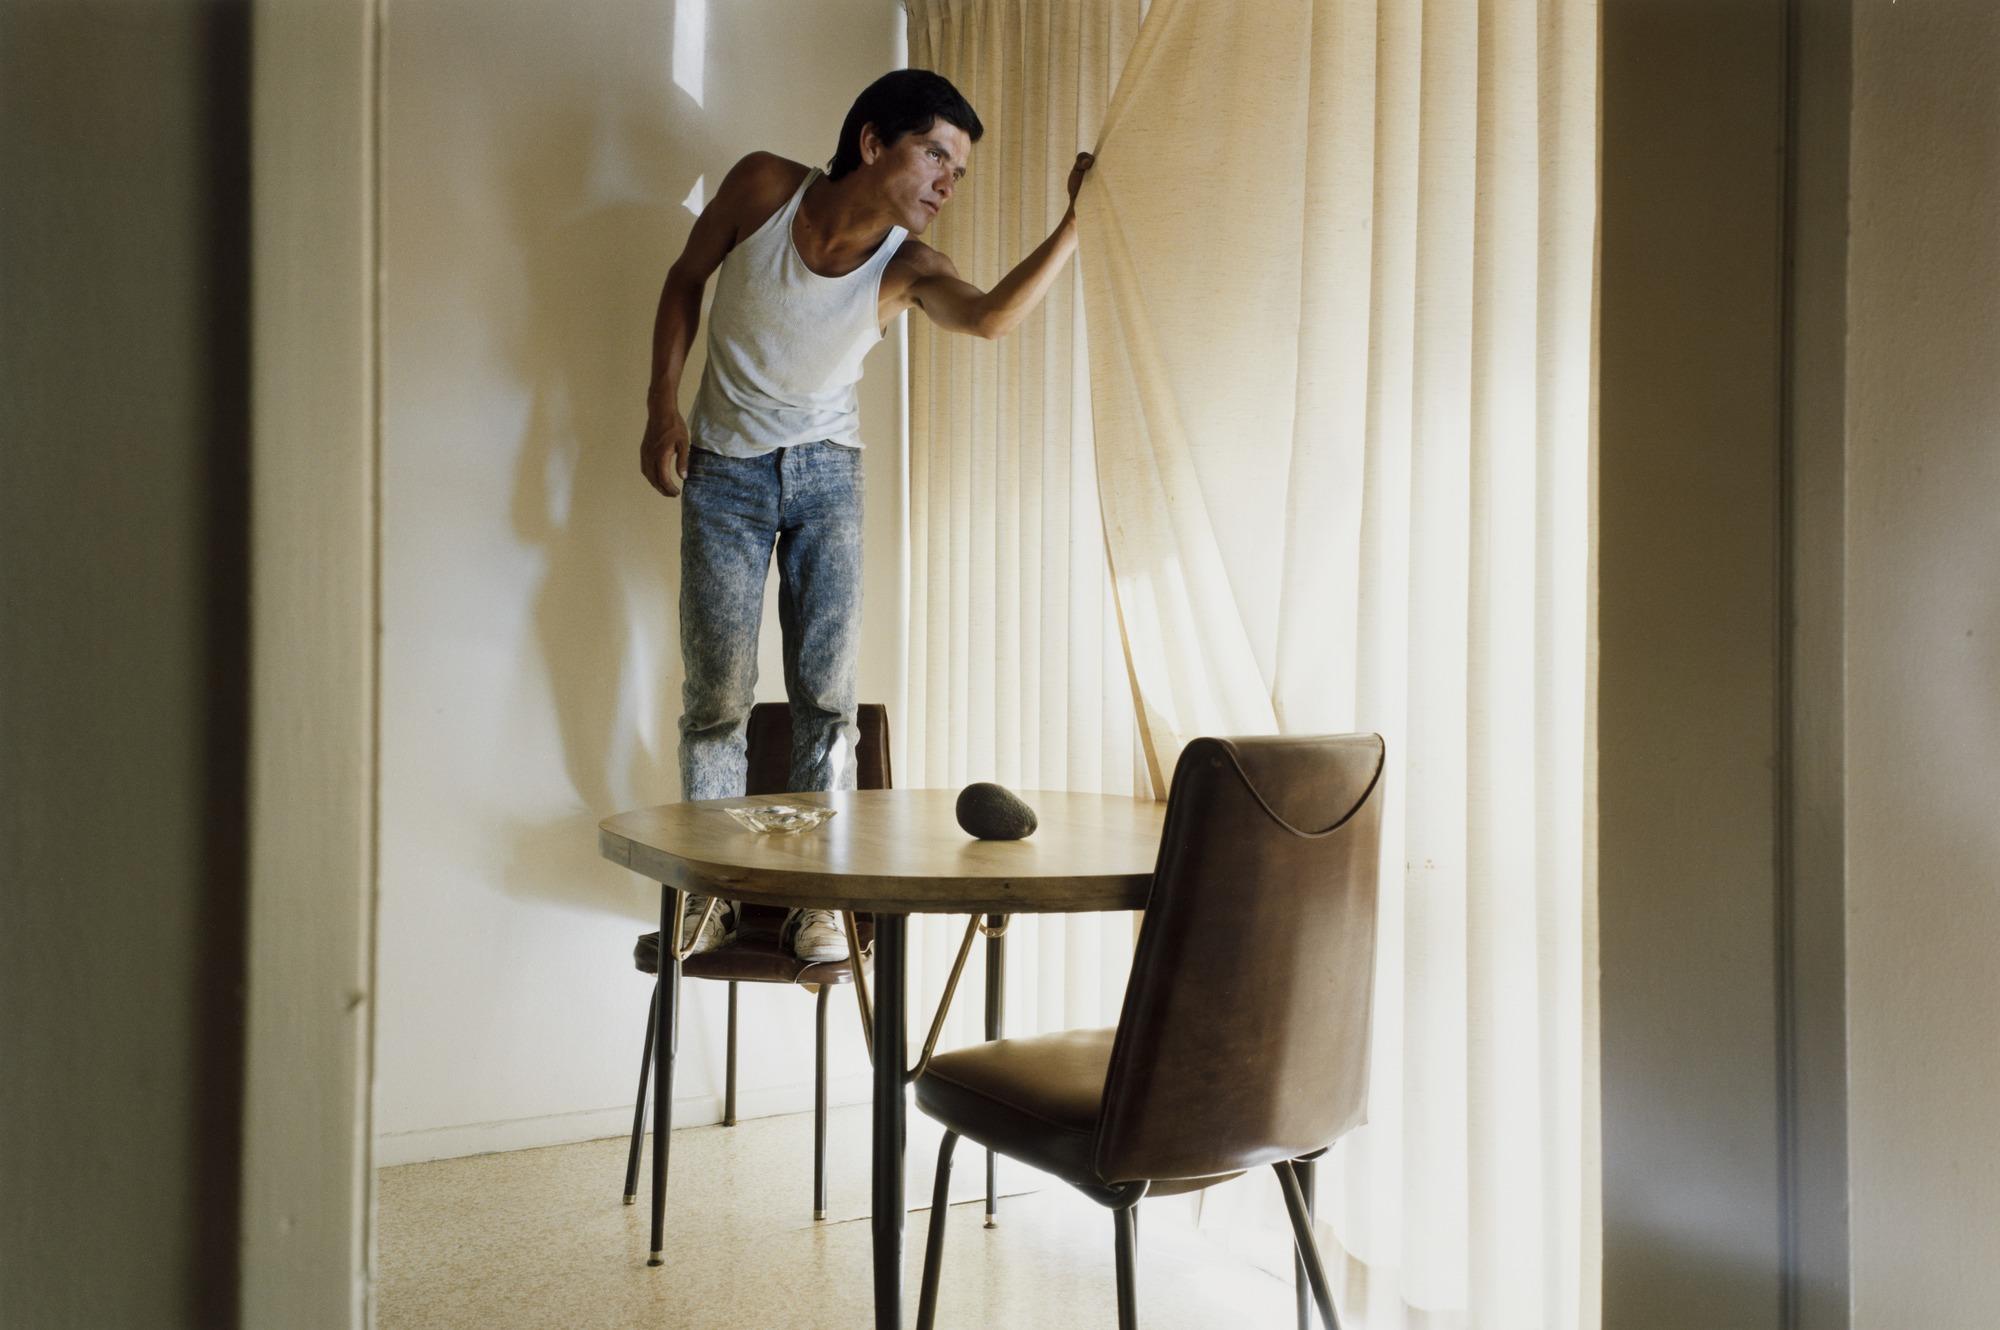 Philip-Lorca Dicoria - Zoom'Up cours photo